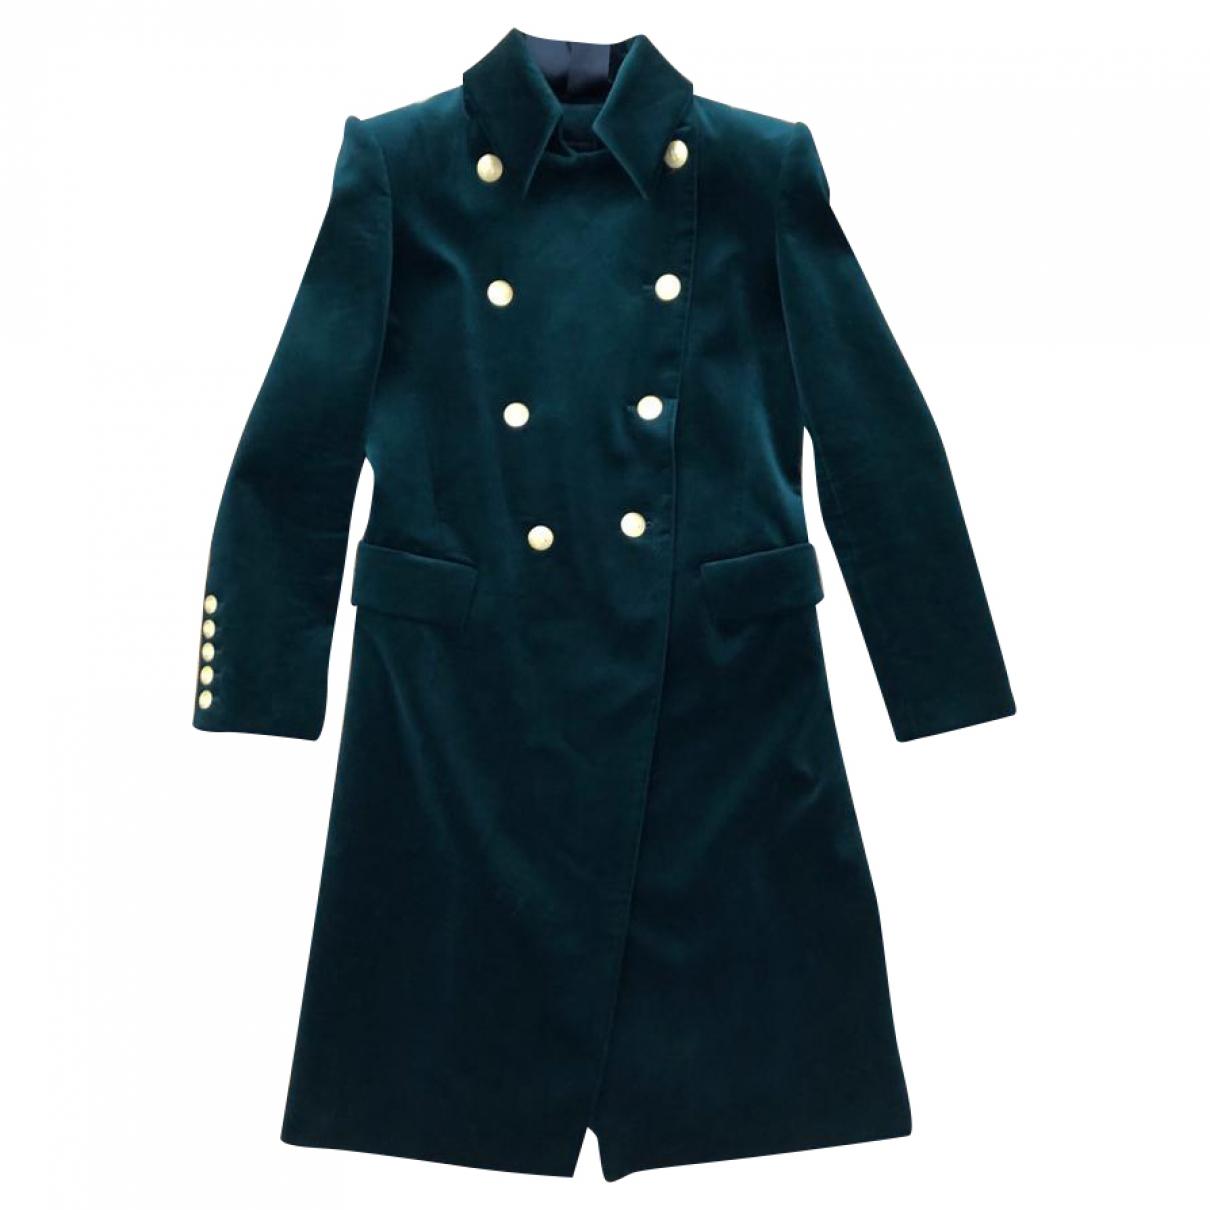 Pierre Balmain \N Green Velvet coat for Women 38 FR